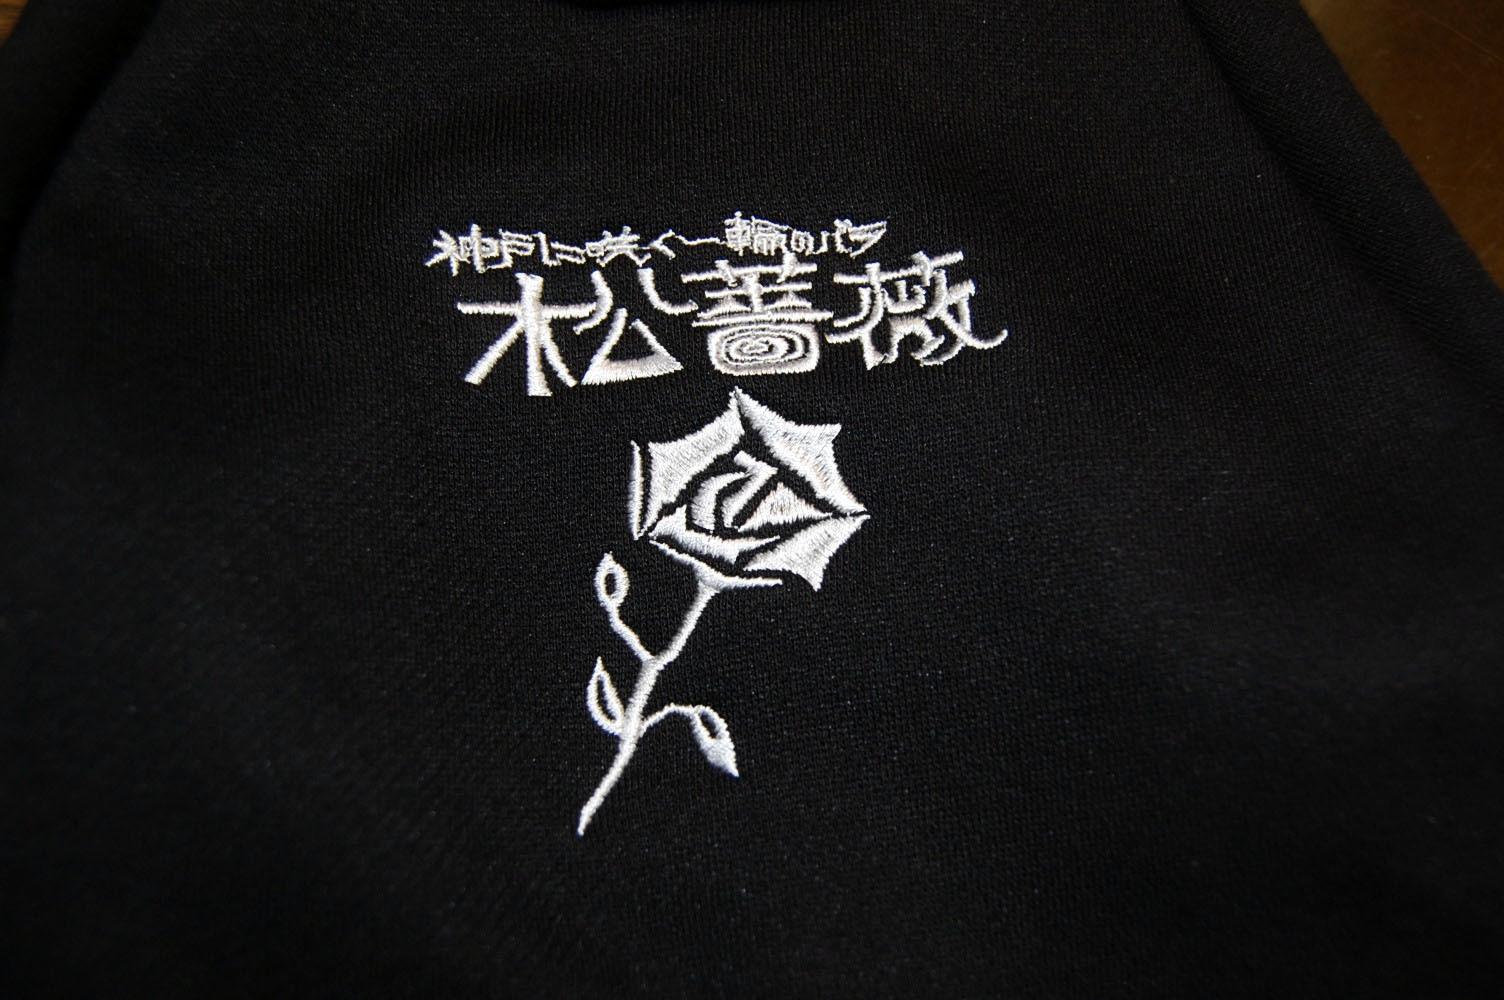 持ち込みのペットの服にオリジナル刺繍を入れました!_e0260759_10562922.jpg